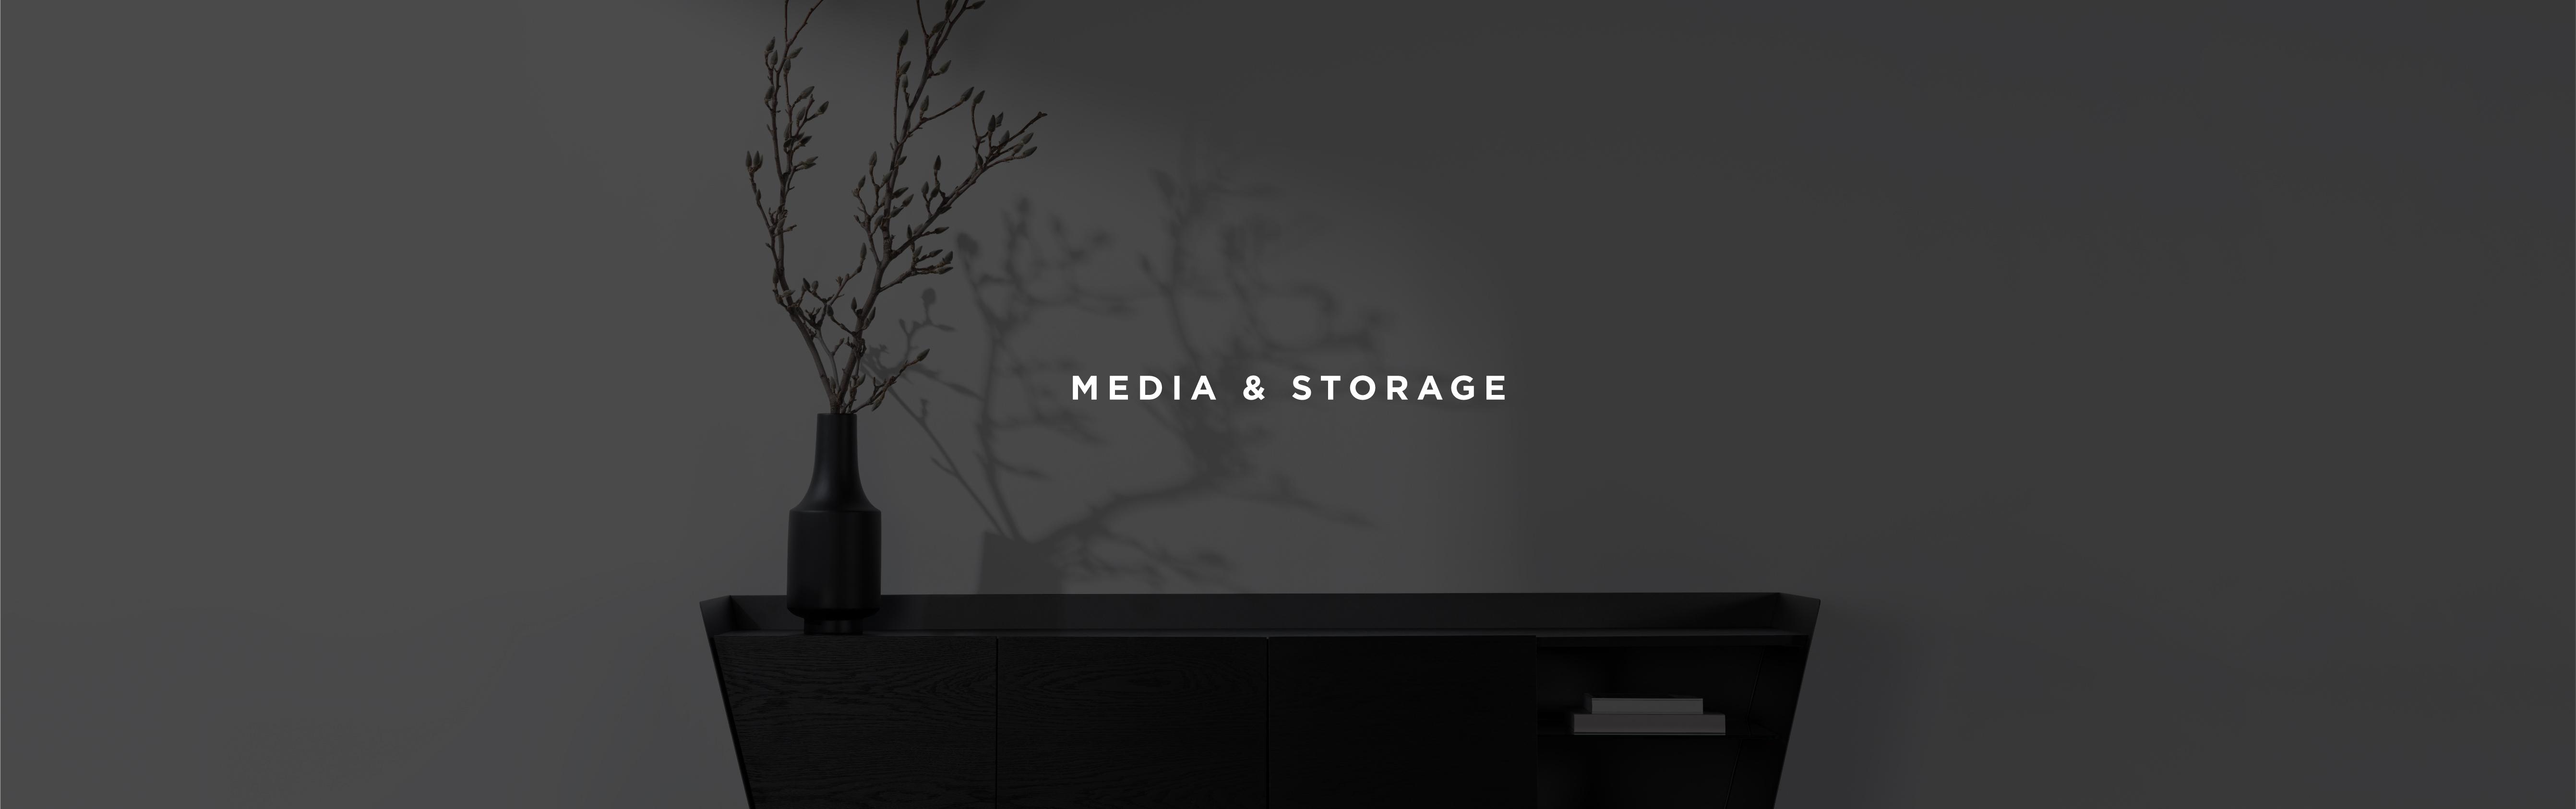 MEDIA & STORAGE